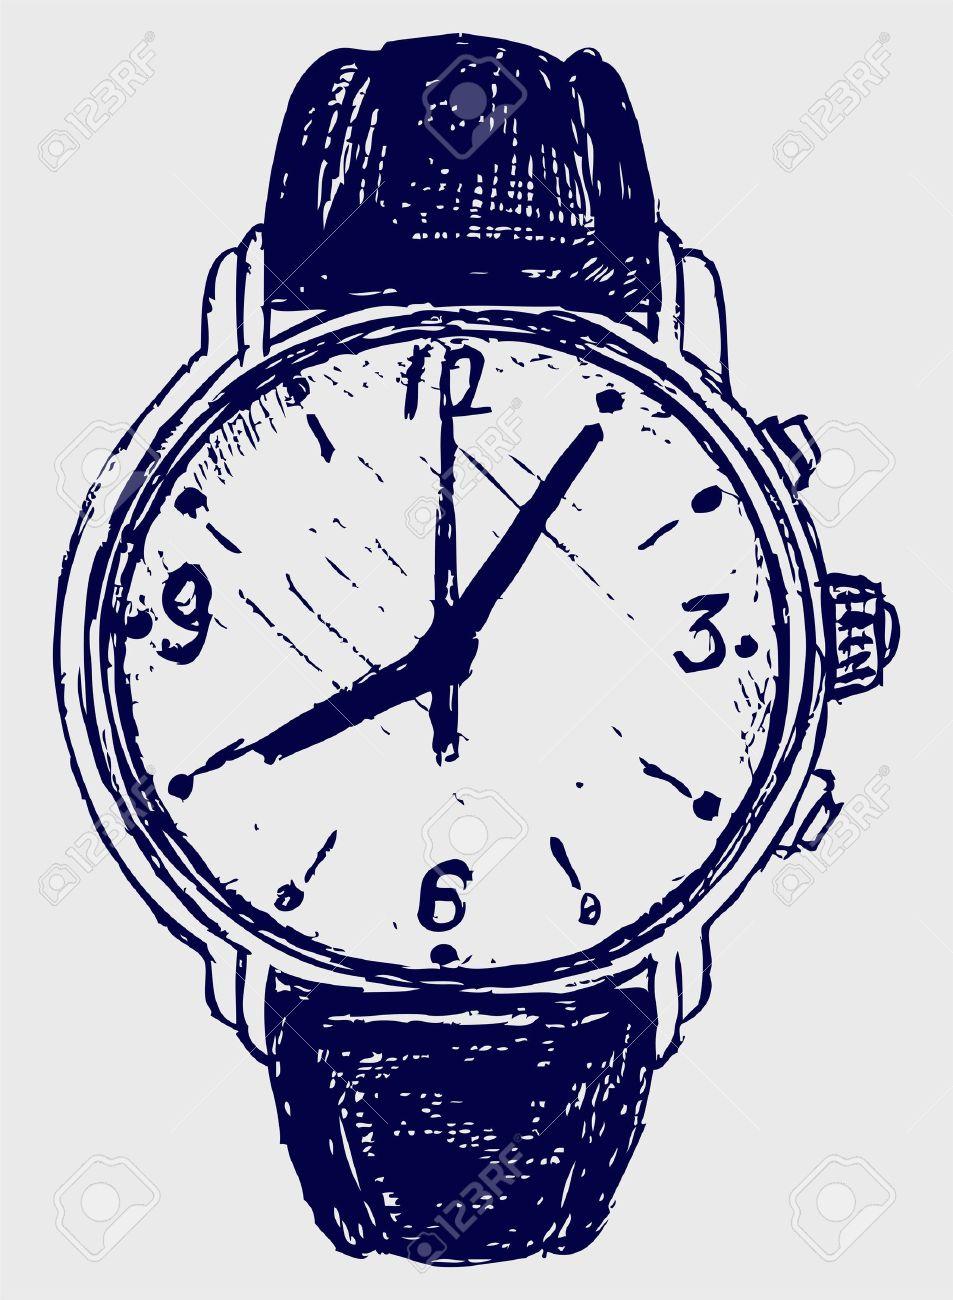 Armbanduhr skizze  Armbanduhr Skizze Lizenzfrei Nutzbare Vektorgrafiken, Clip Arts ...